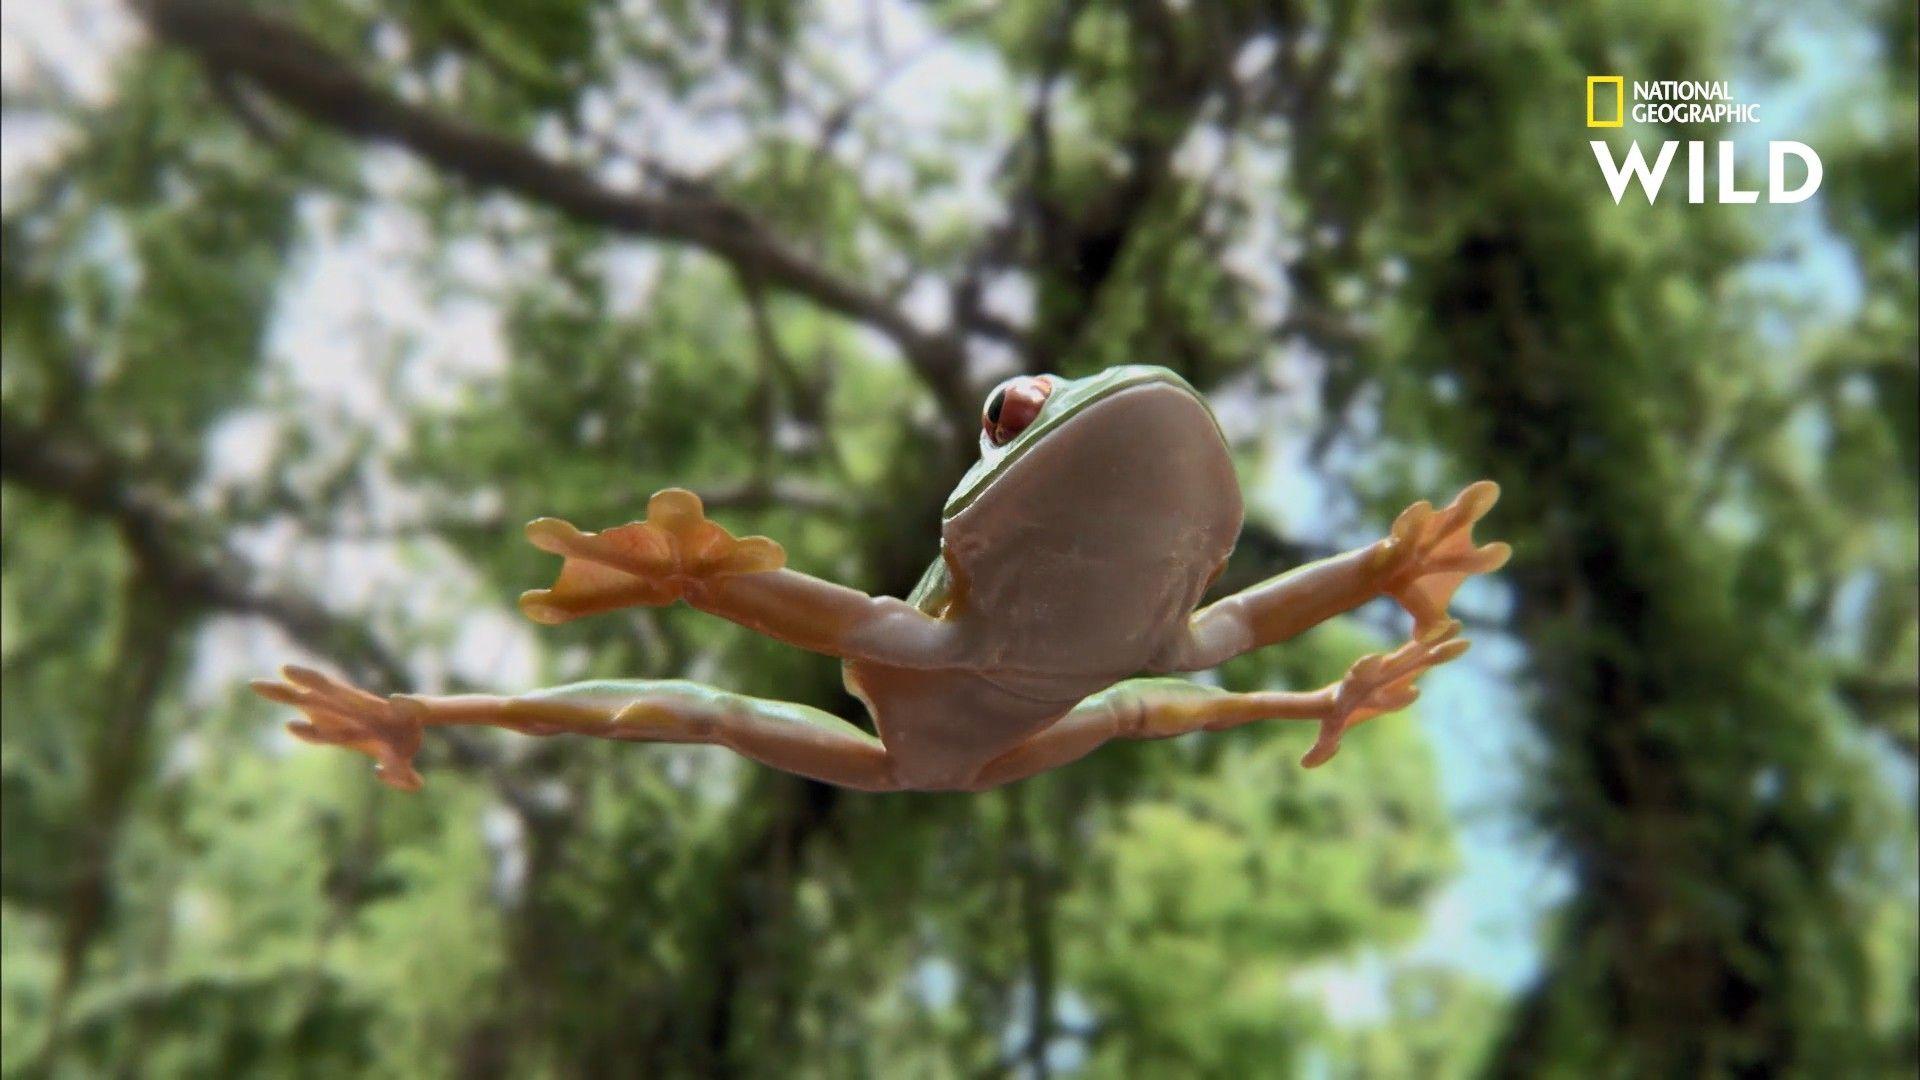 Cette grenouille a des parachutes à la place des doigts